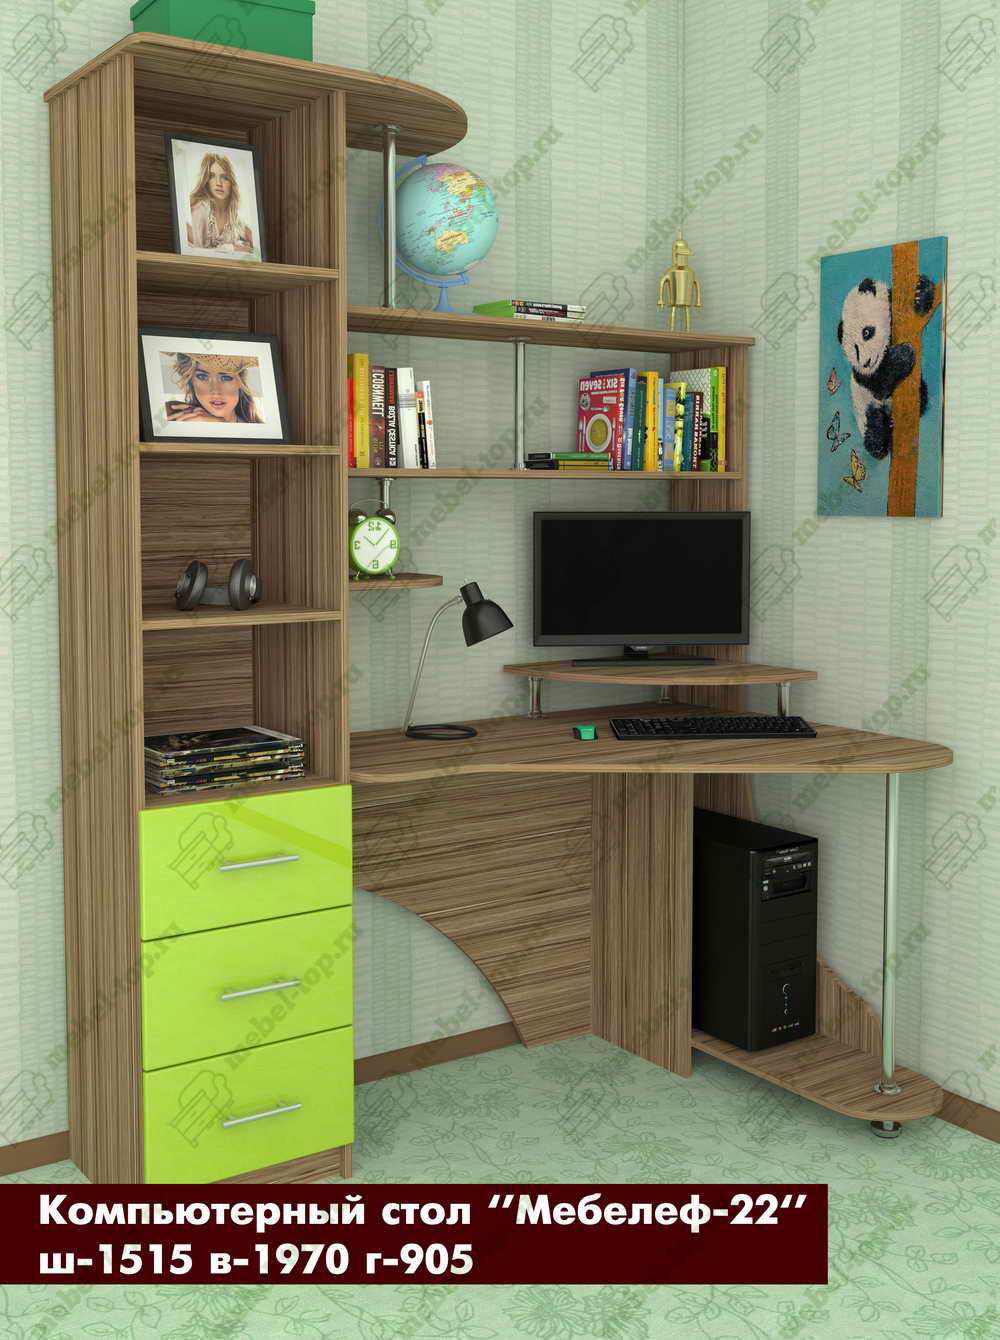 Компьютерный стол Мебелеф-22 фото